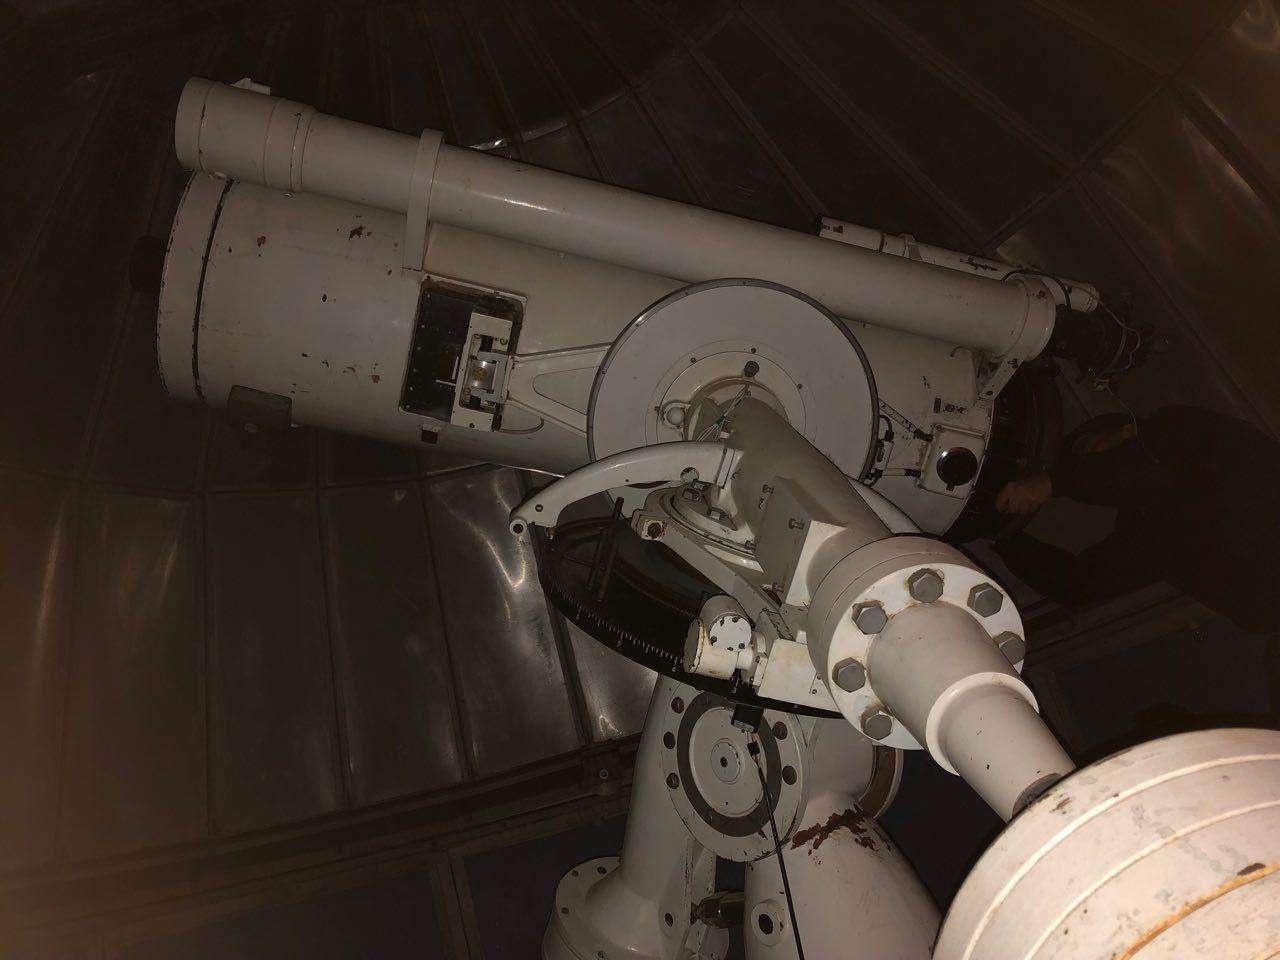 Один из телескопов в Тянь-Шаньской астрономической обсерватории